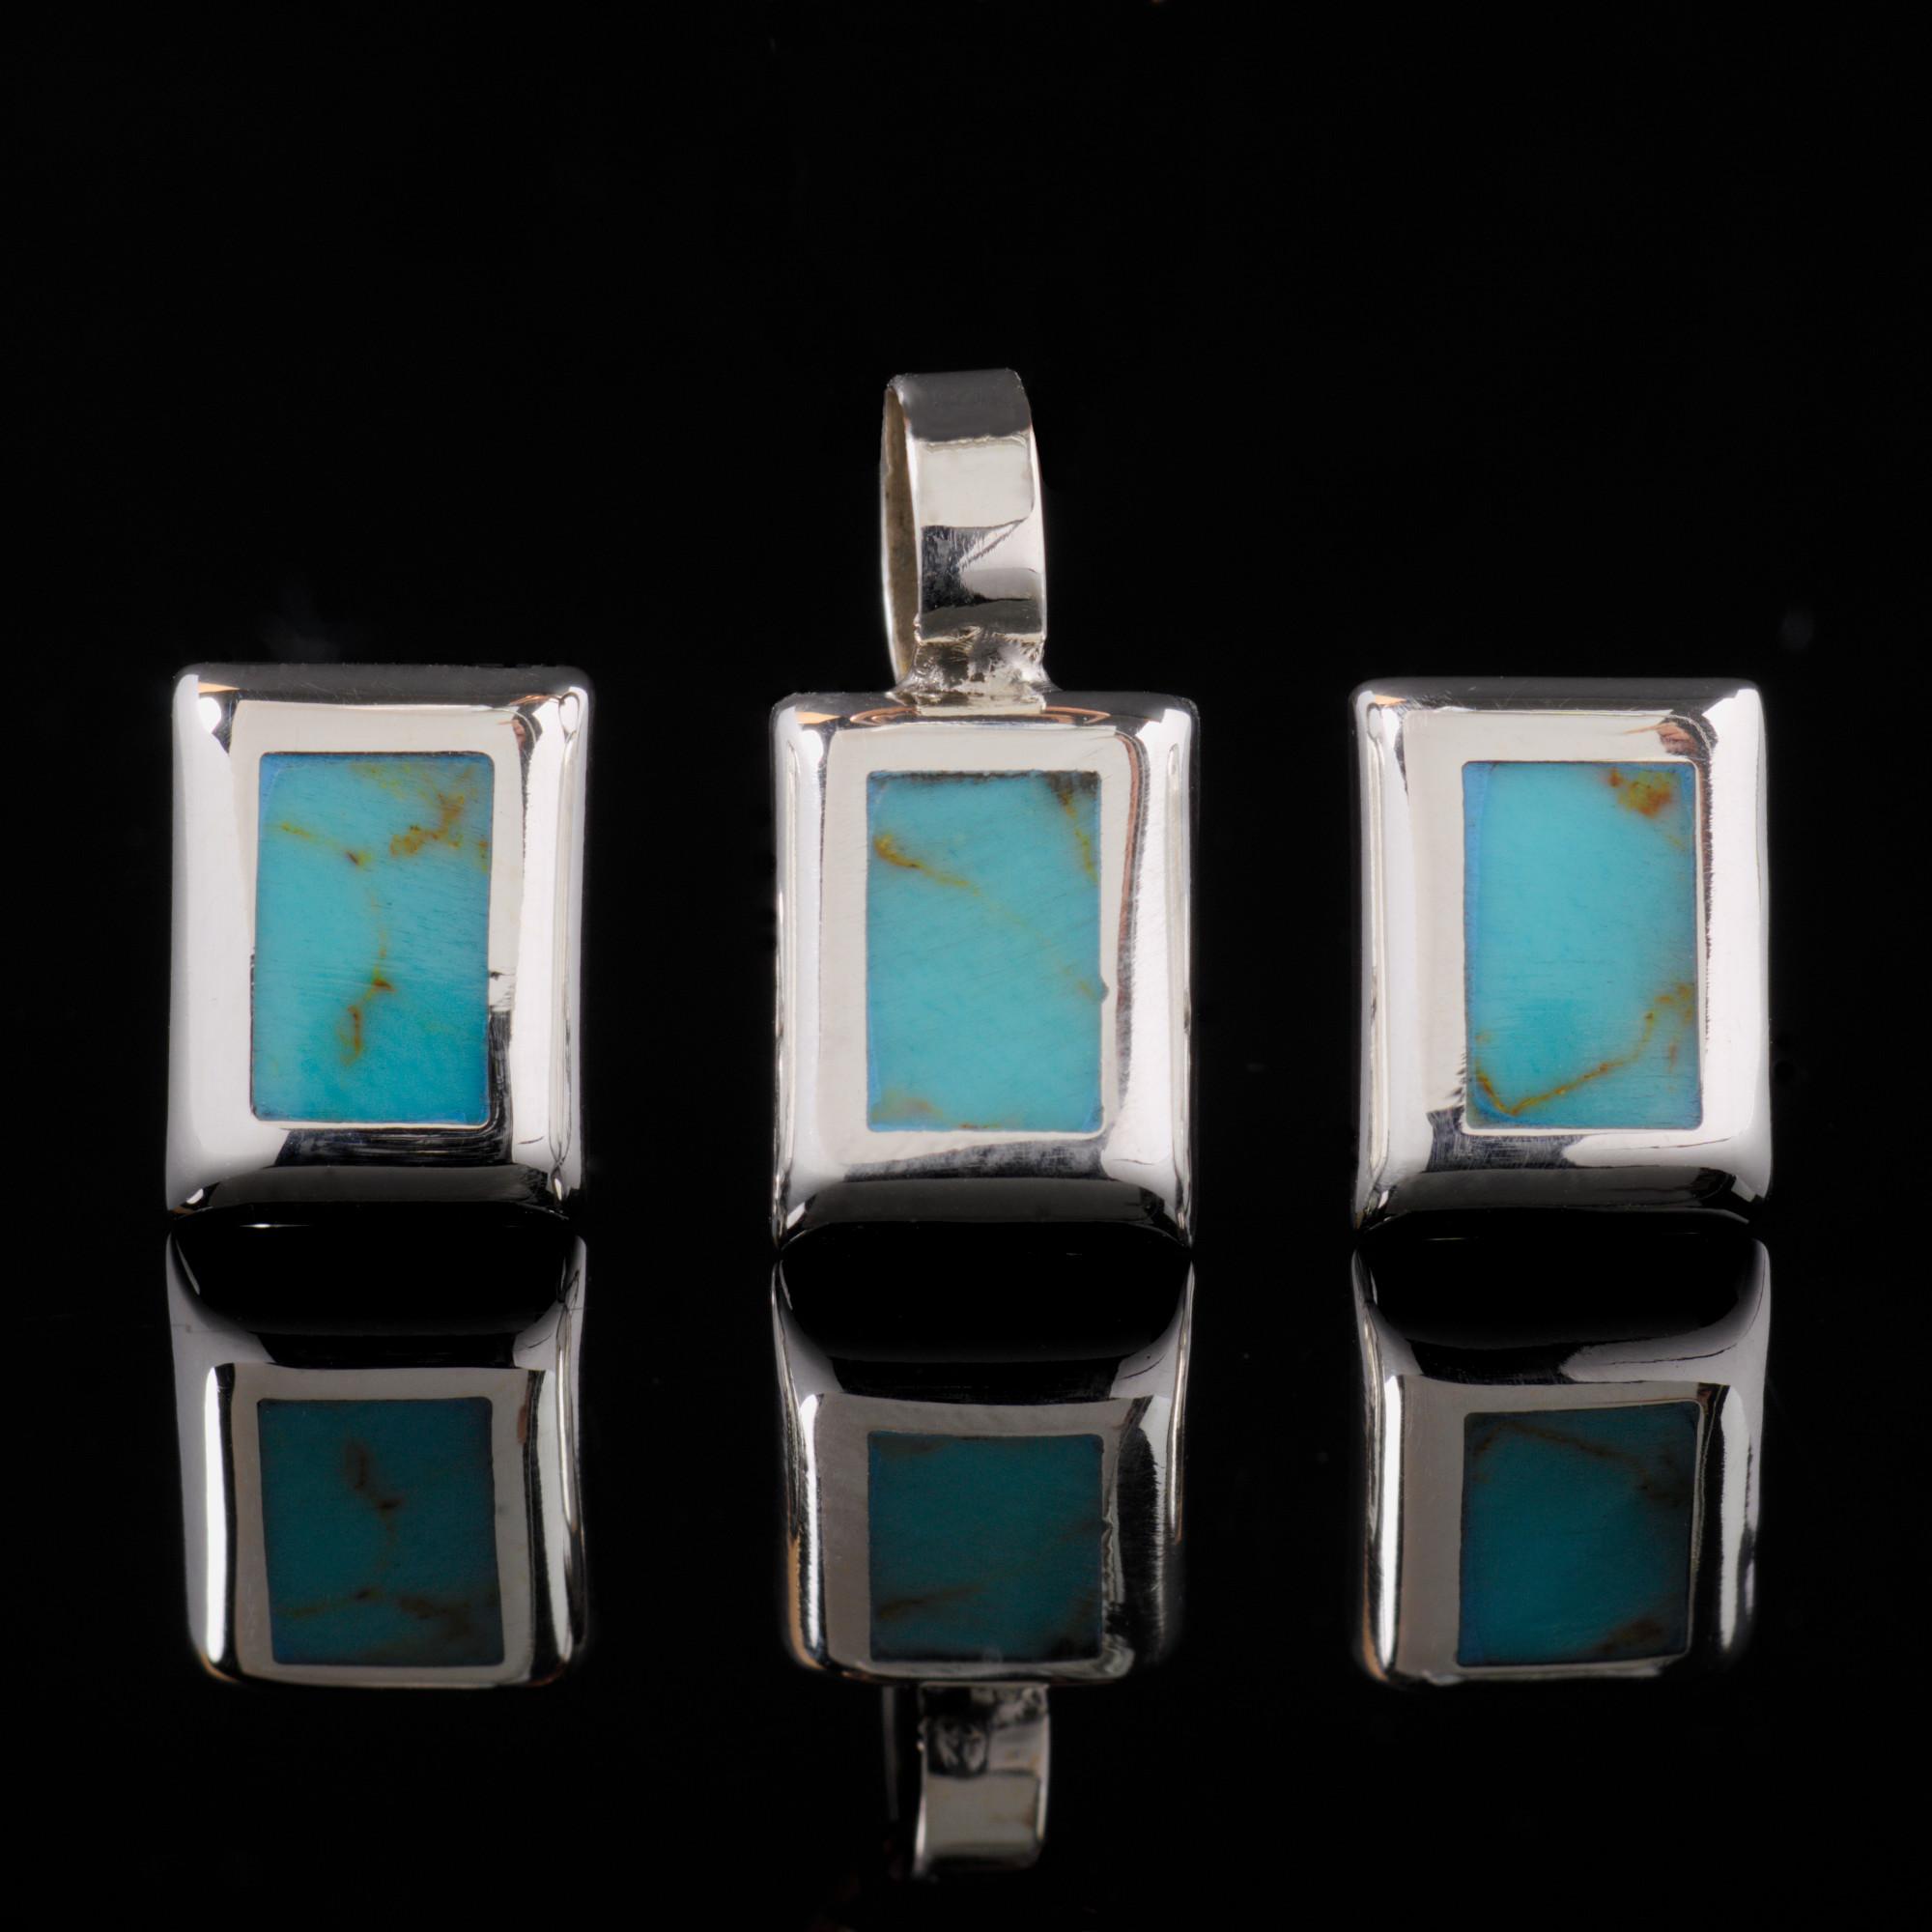 Arietis: Kombination med berlock och örhängen, silver/blå rektangel, stenar och glansig silver finish